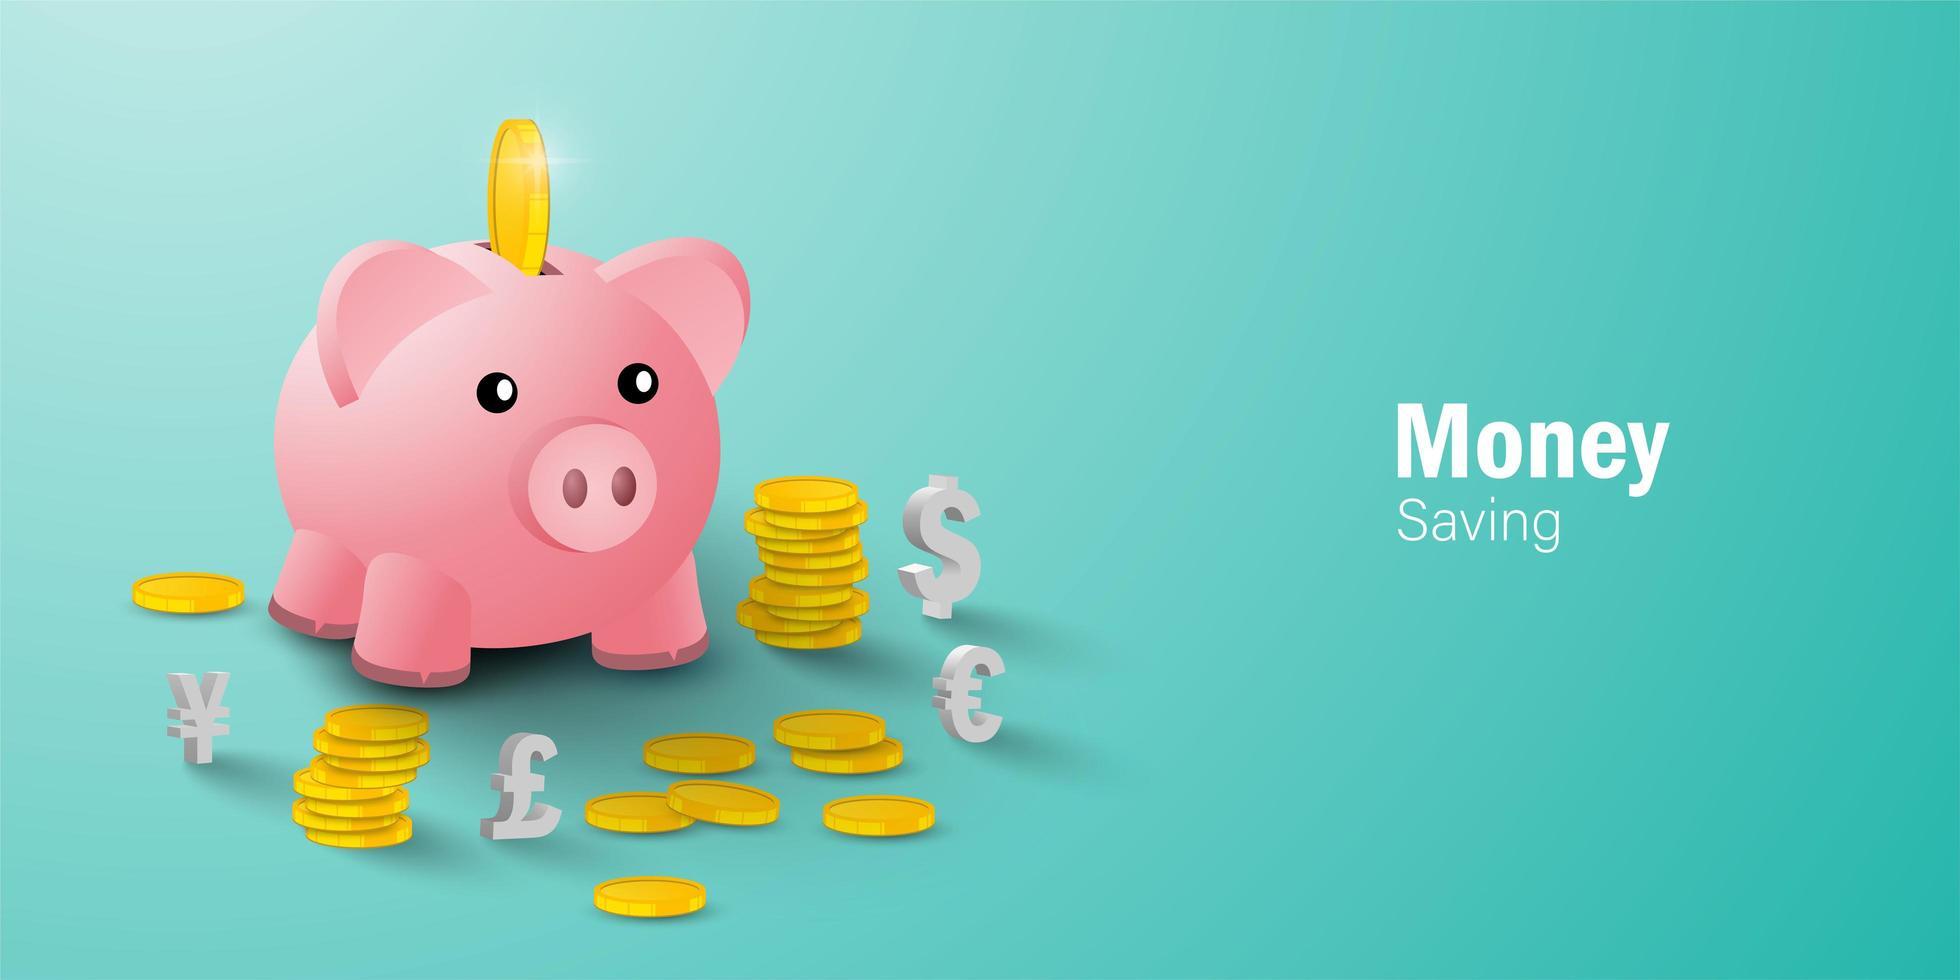 geld besparen concept vector